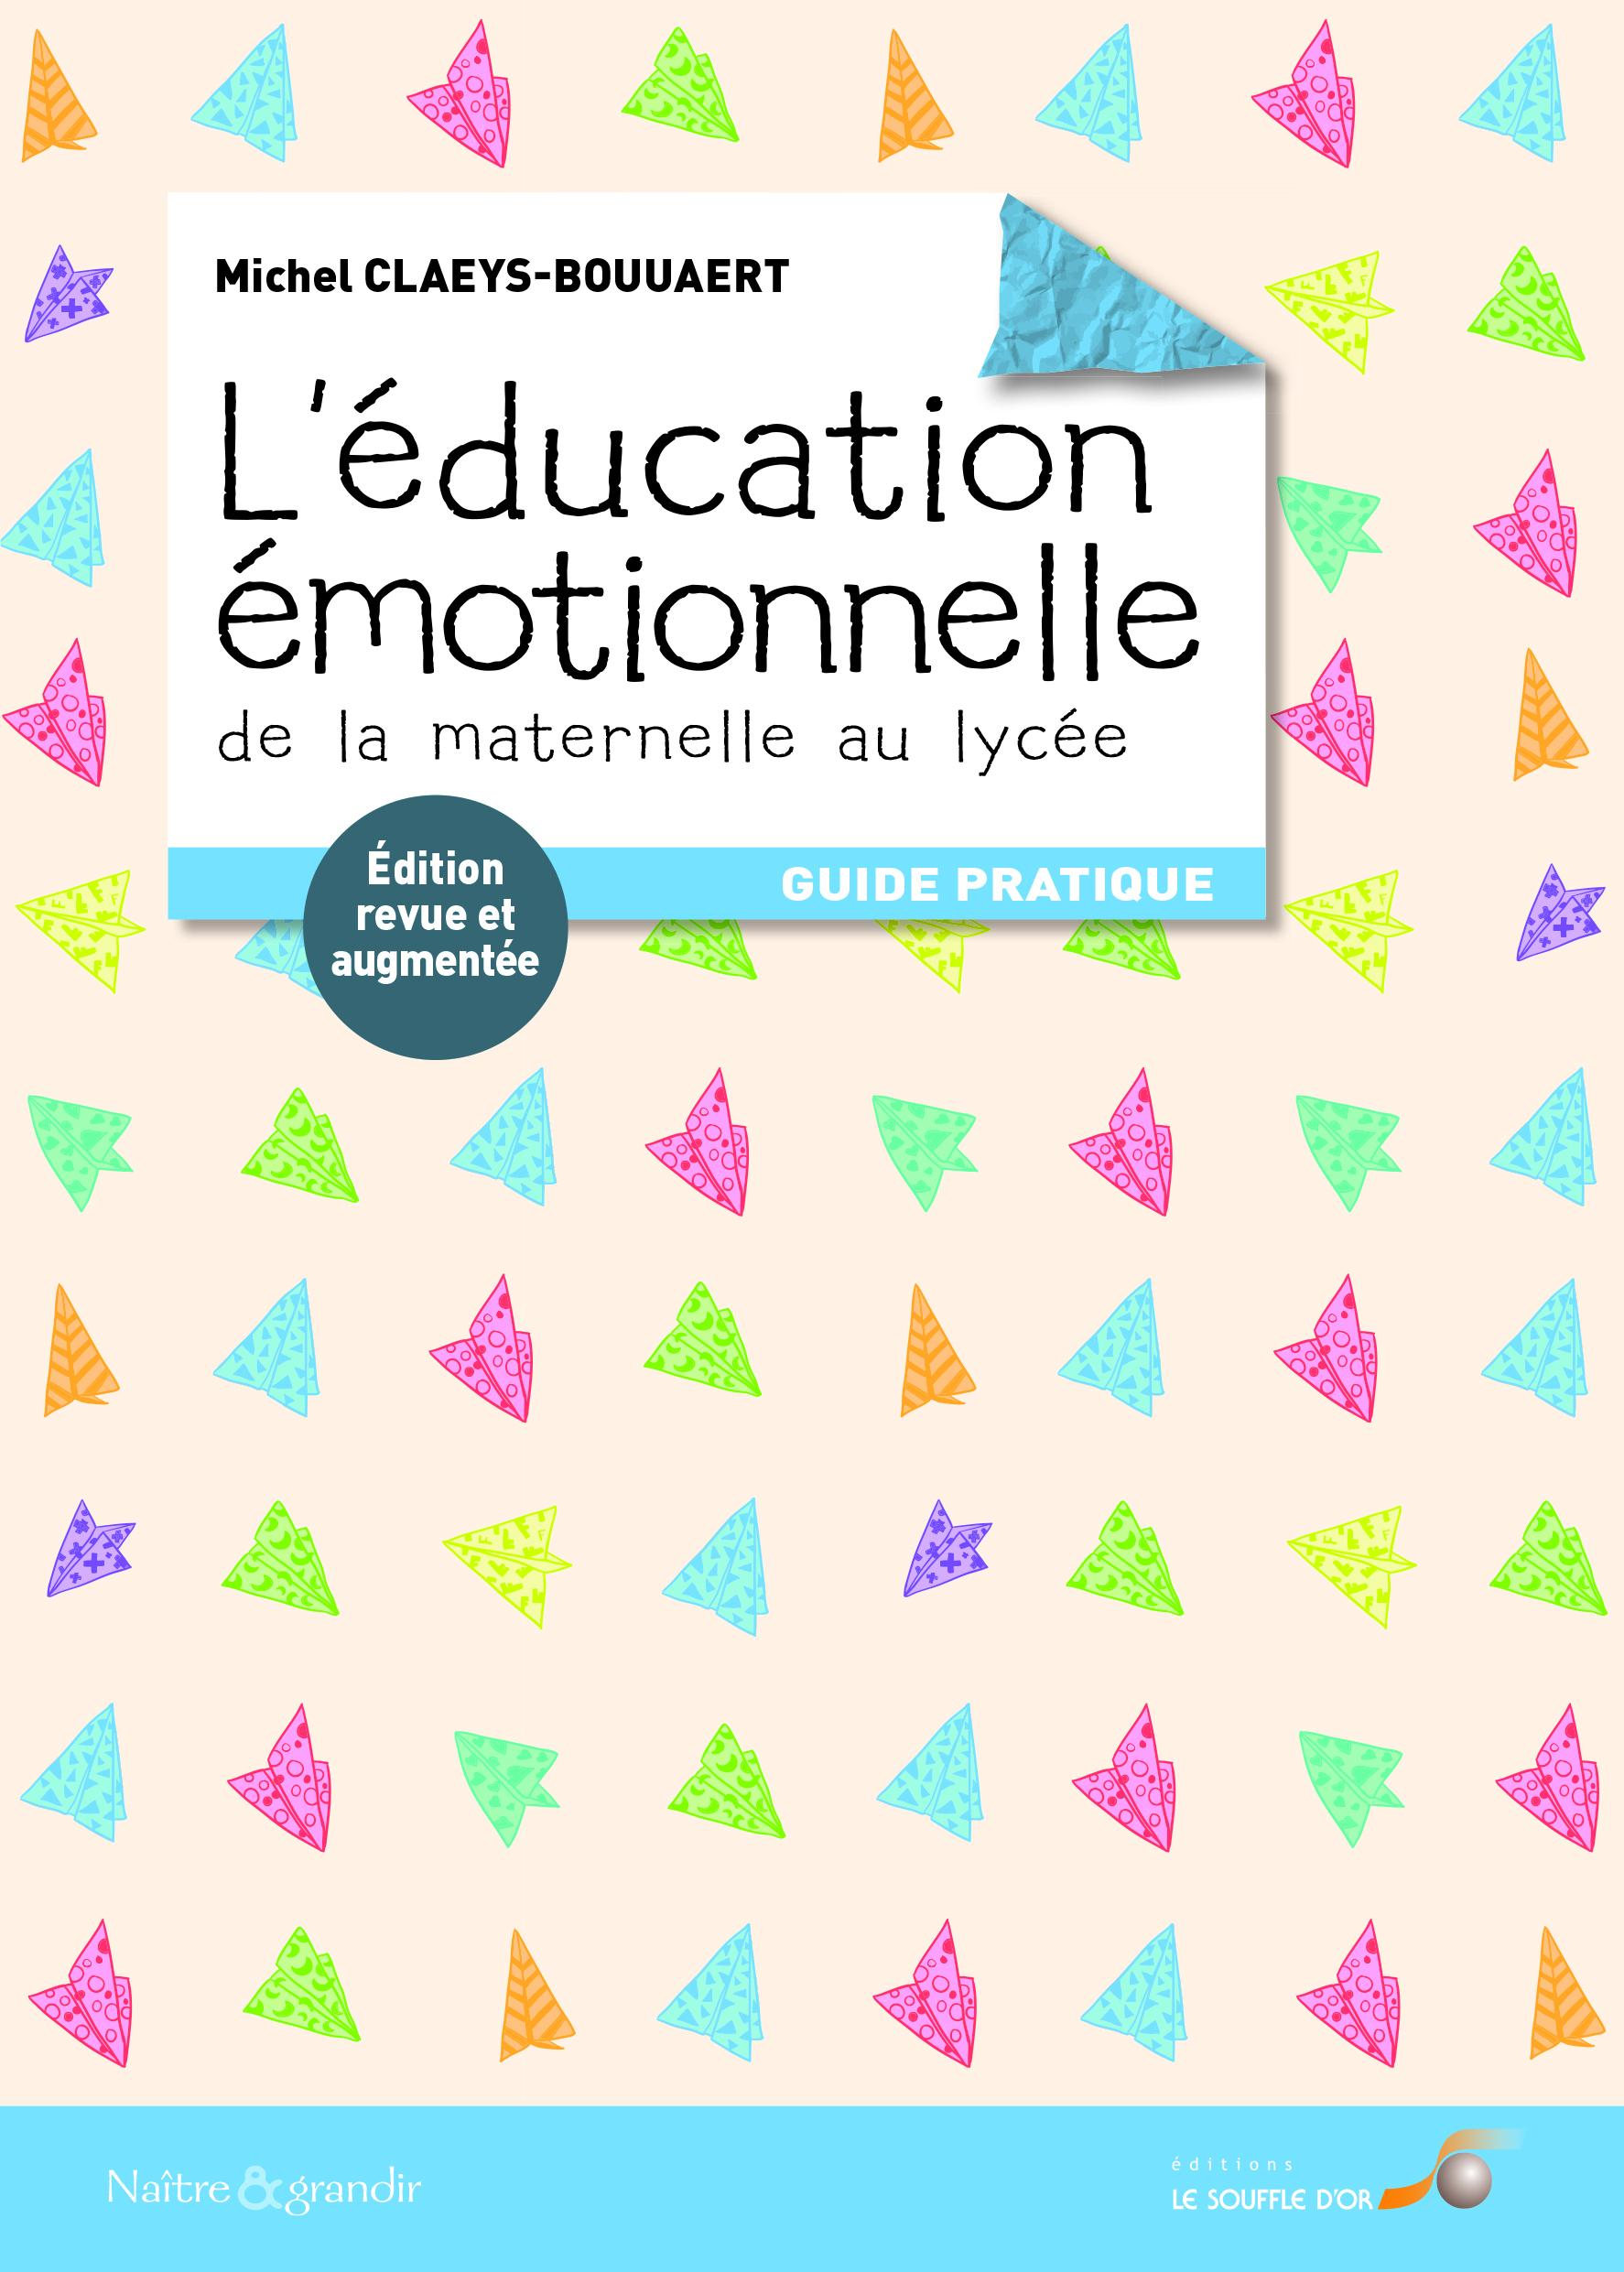 EDUCATION EMOTIONNELLE DE LA MATERNELLE AU LYCEE (L')